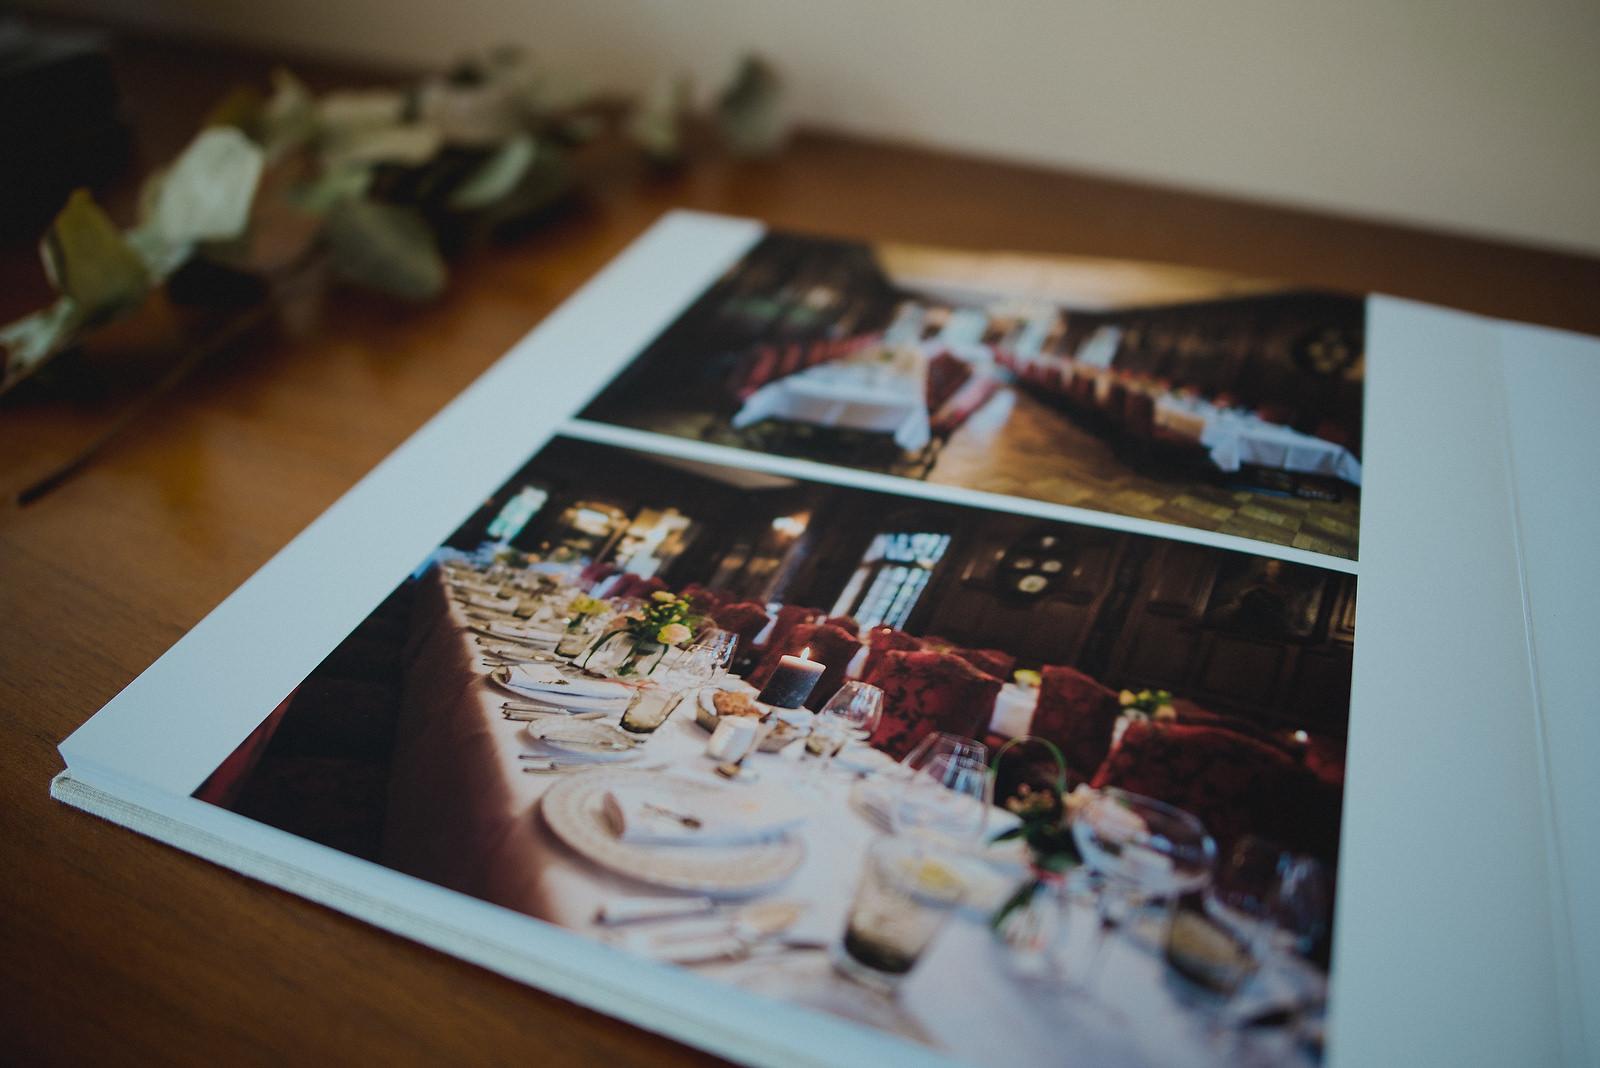 Fotograf Konstanz - Fine Art Hochzeitsalbum Album Fotoalbum EFP 6 - Wedding Albums  - 29 -